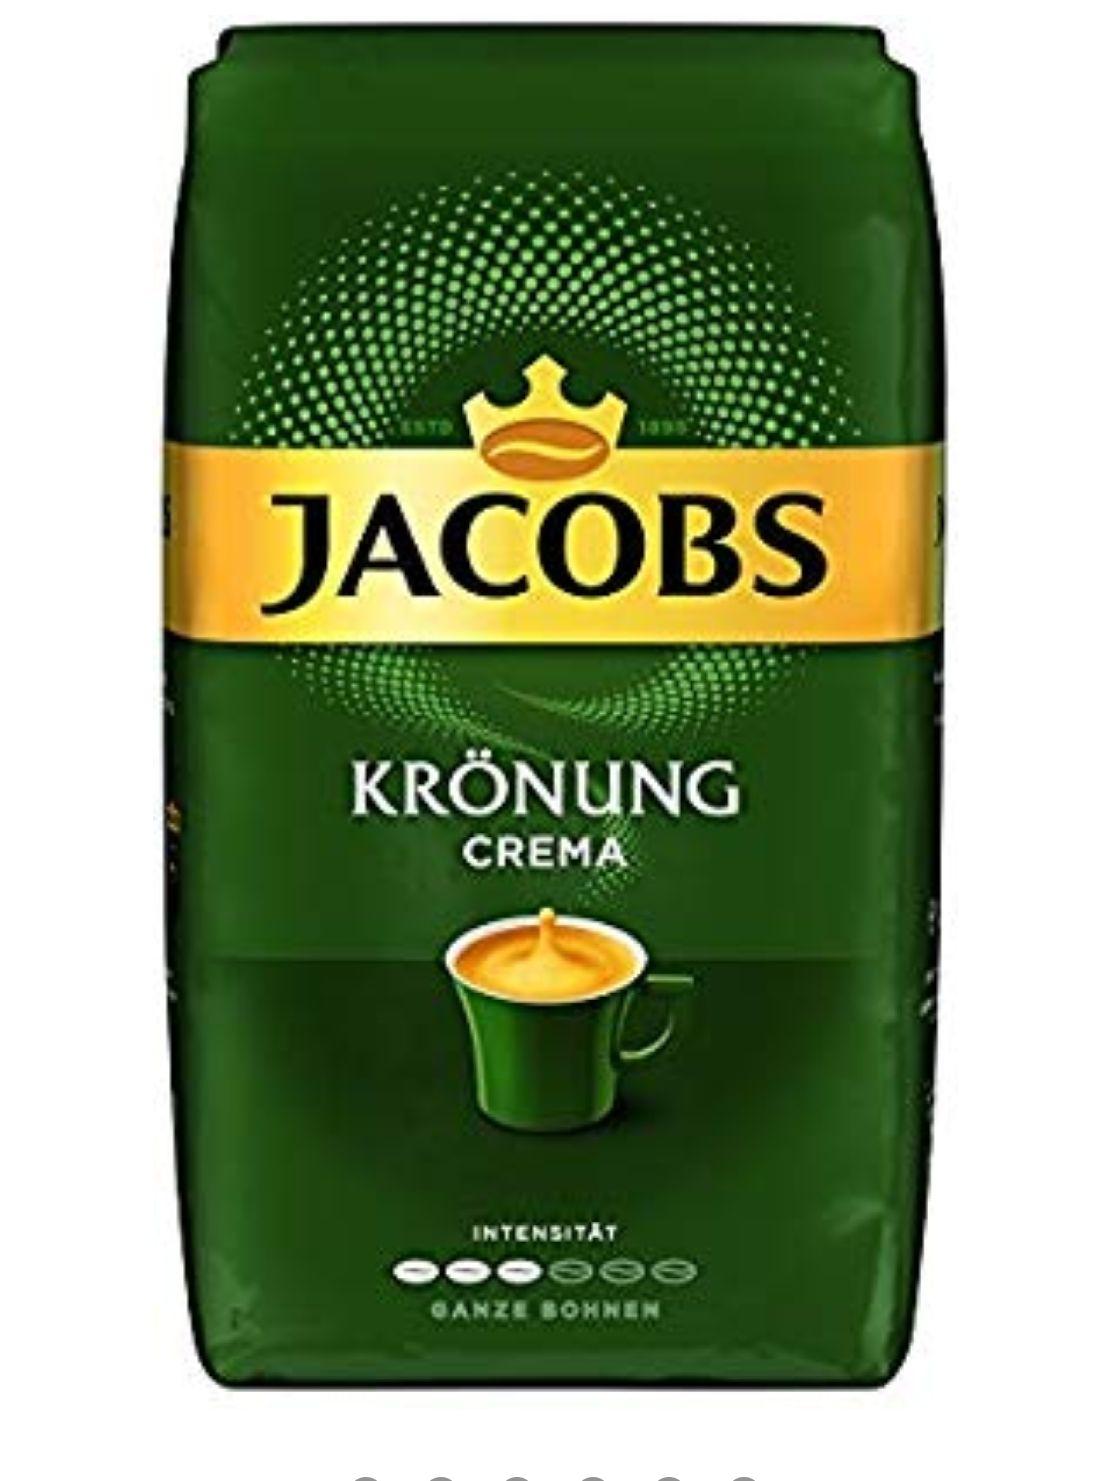 Jacobs Krönung Crema, Kaffee Ganze Bohne, 1 kg Amazon Prime